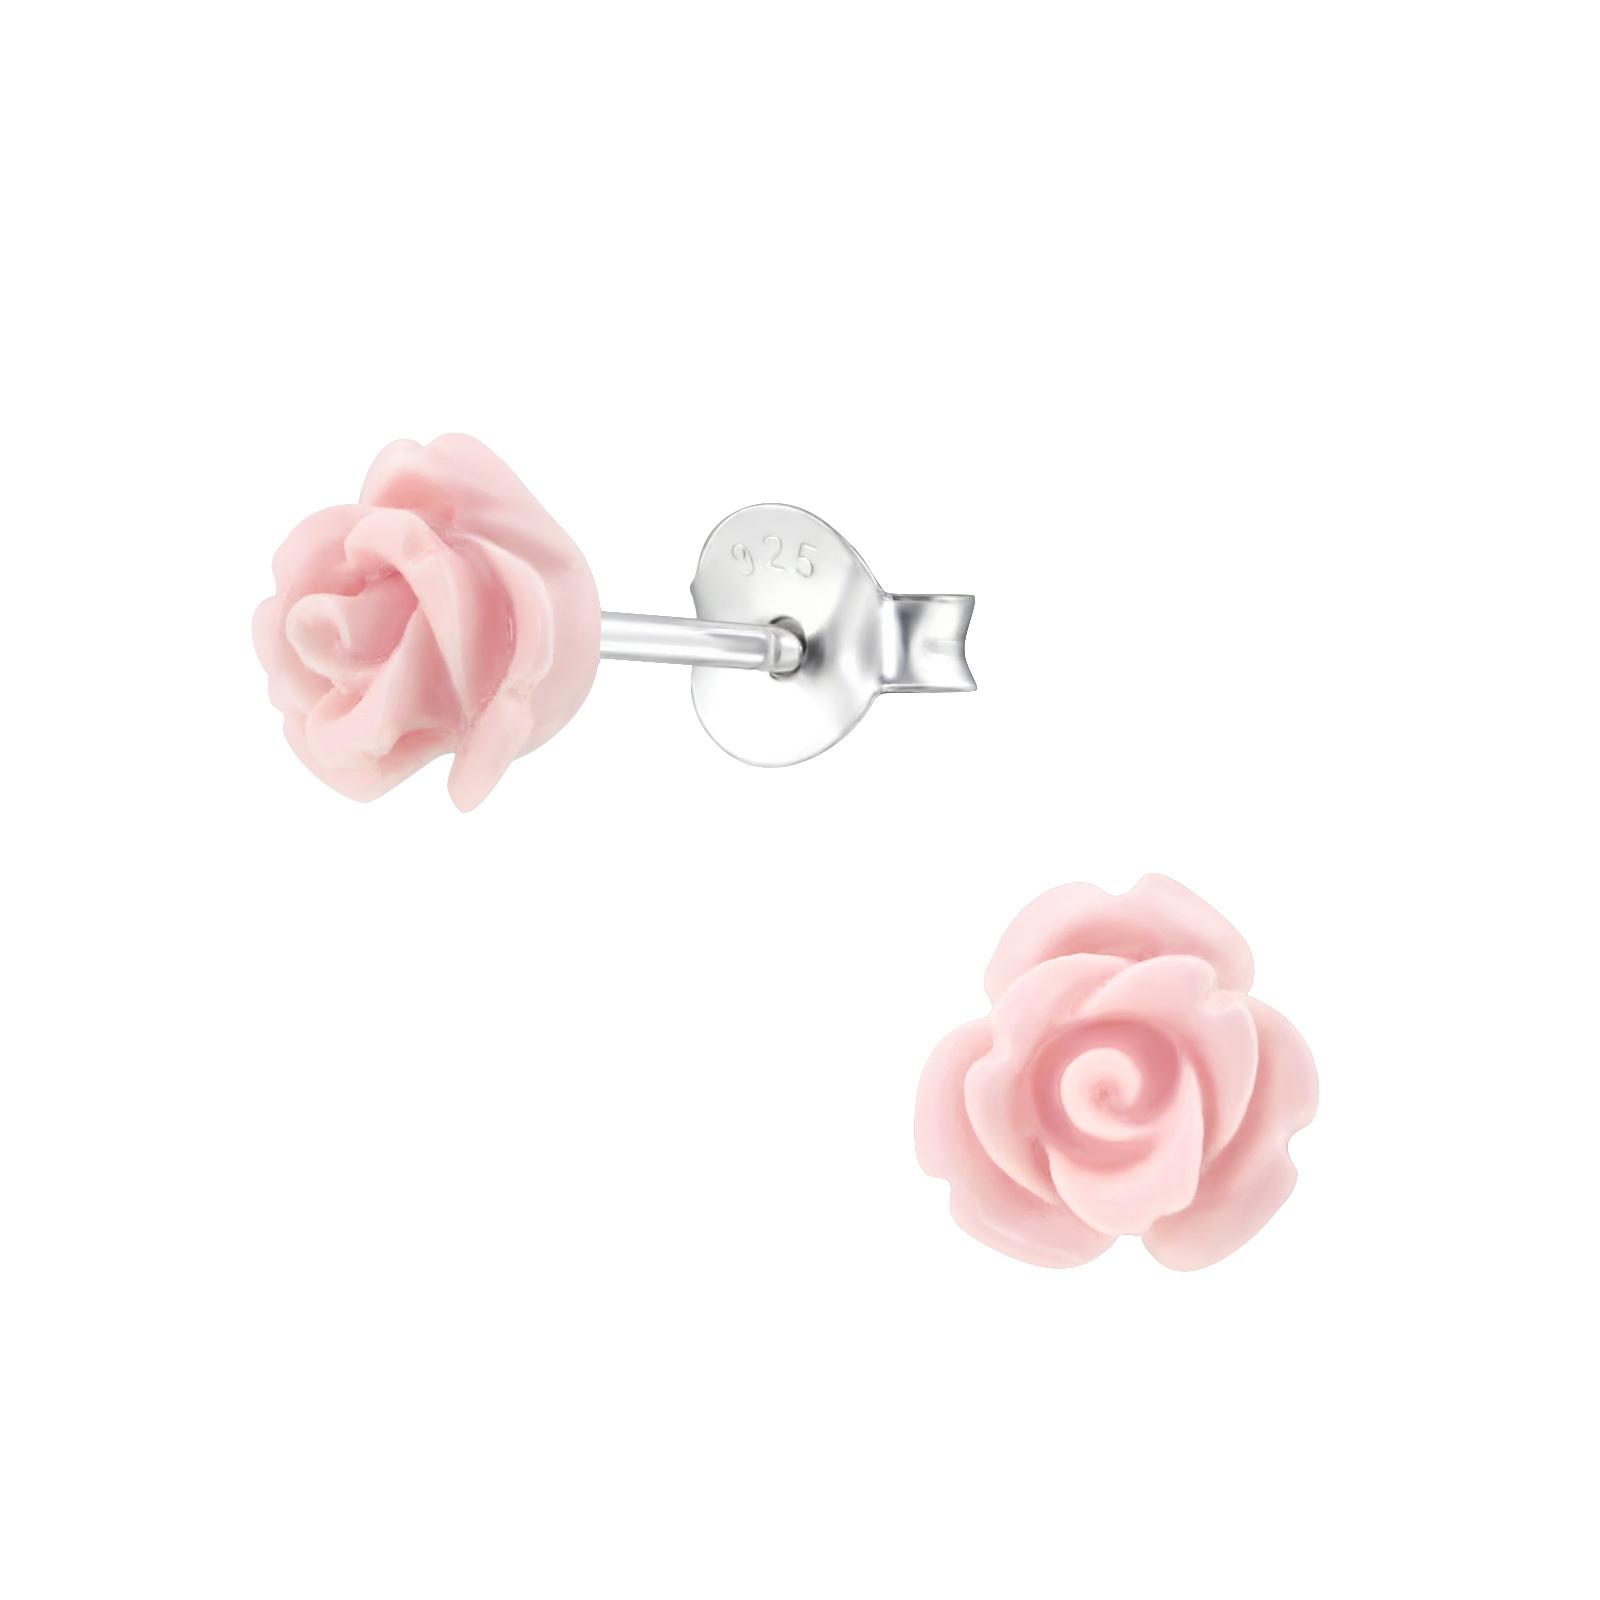 vente officielle le moins cher bonne réputation Boucles d'oreilles enfant fleurs forme rose & argent · Zeido